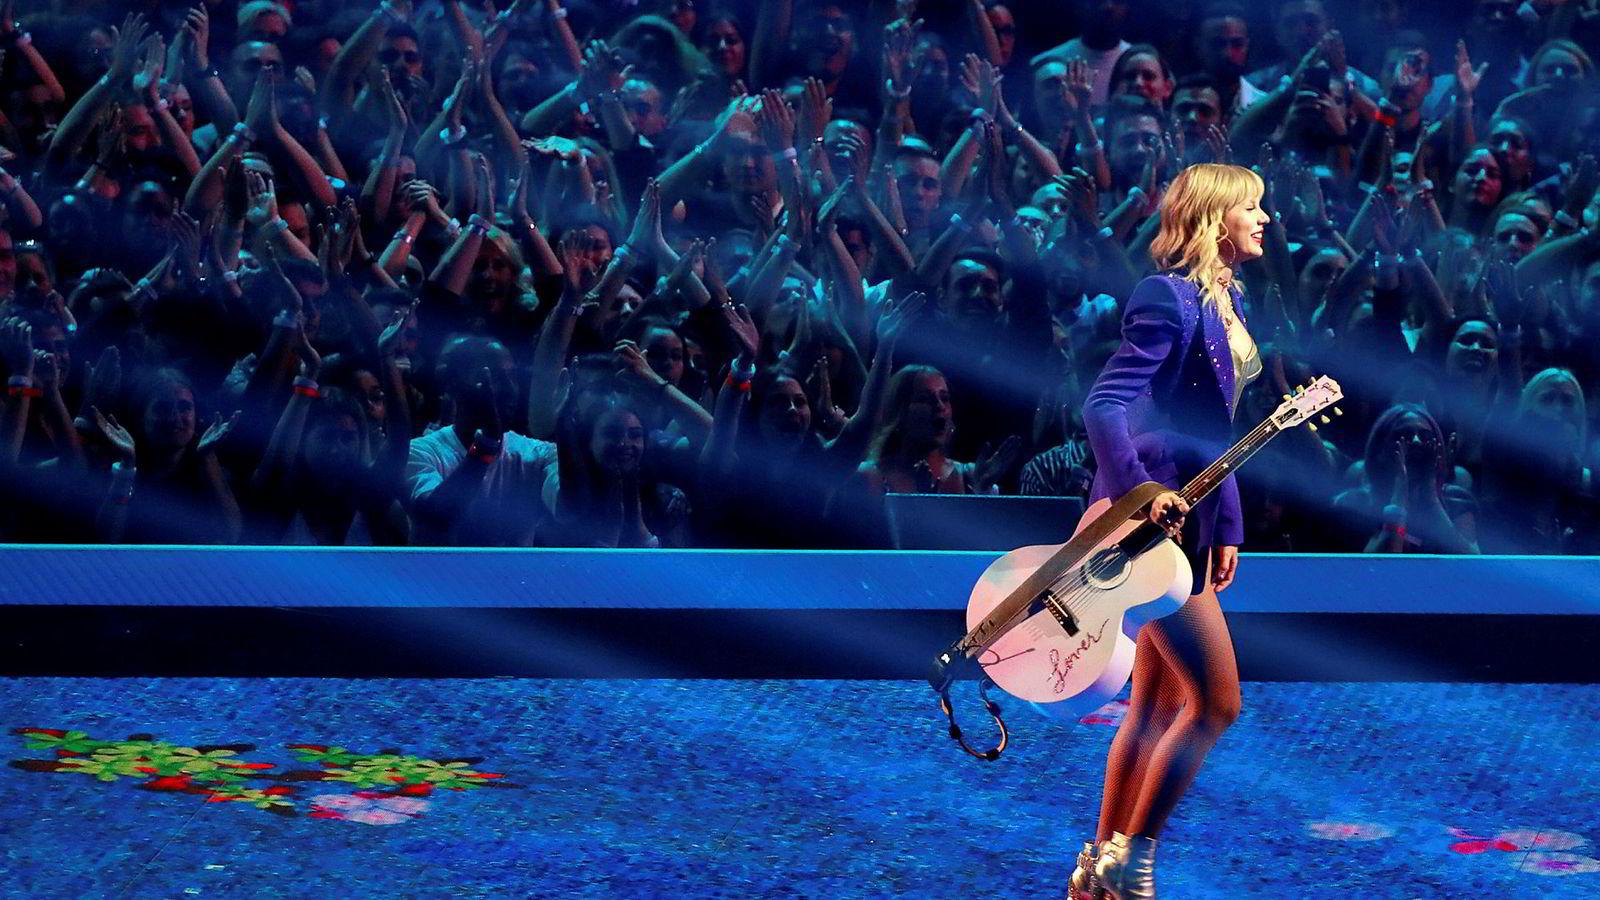 Taylor Swift satte i fjor amerikansk rekord på «Reputation Stadium Tour» med den mest innbringende turne-omsetning noensinne i USA på 266,1 millioner dollar – tilsvarende 2,4 milliarder kroner. Nå ankommer hun Norge. Her fra opptreden hennes under MTV Music awards 26. august.